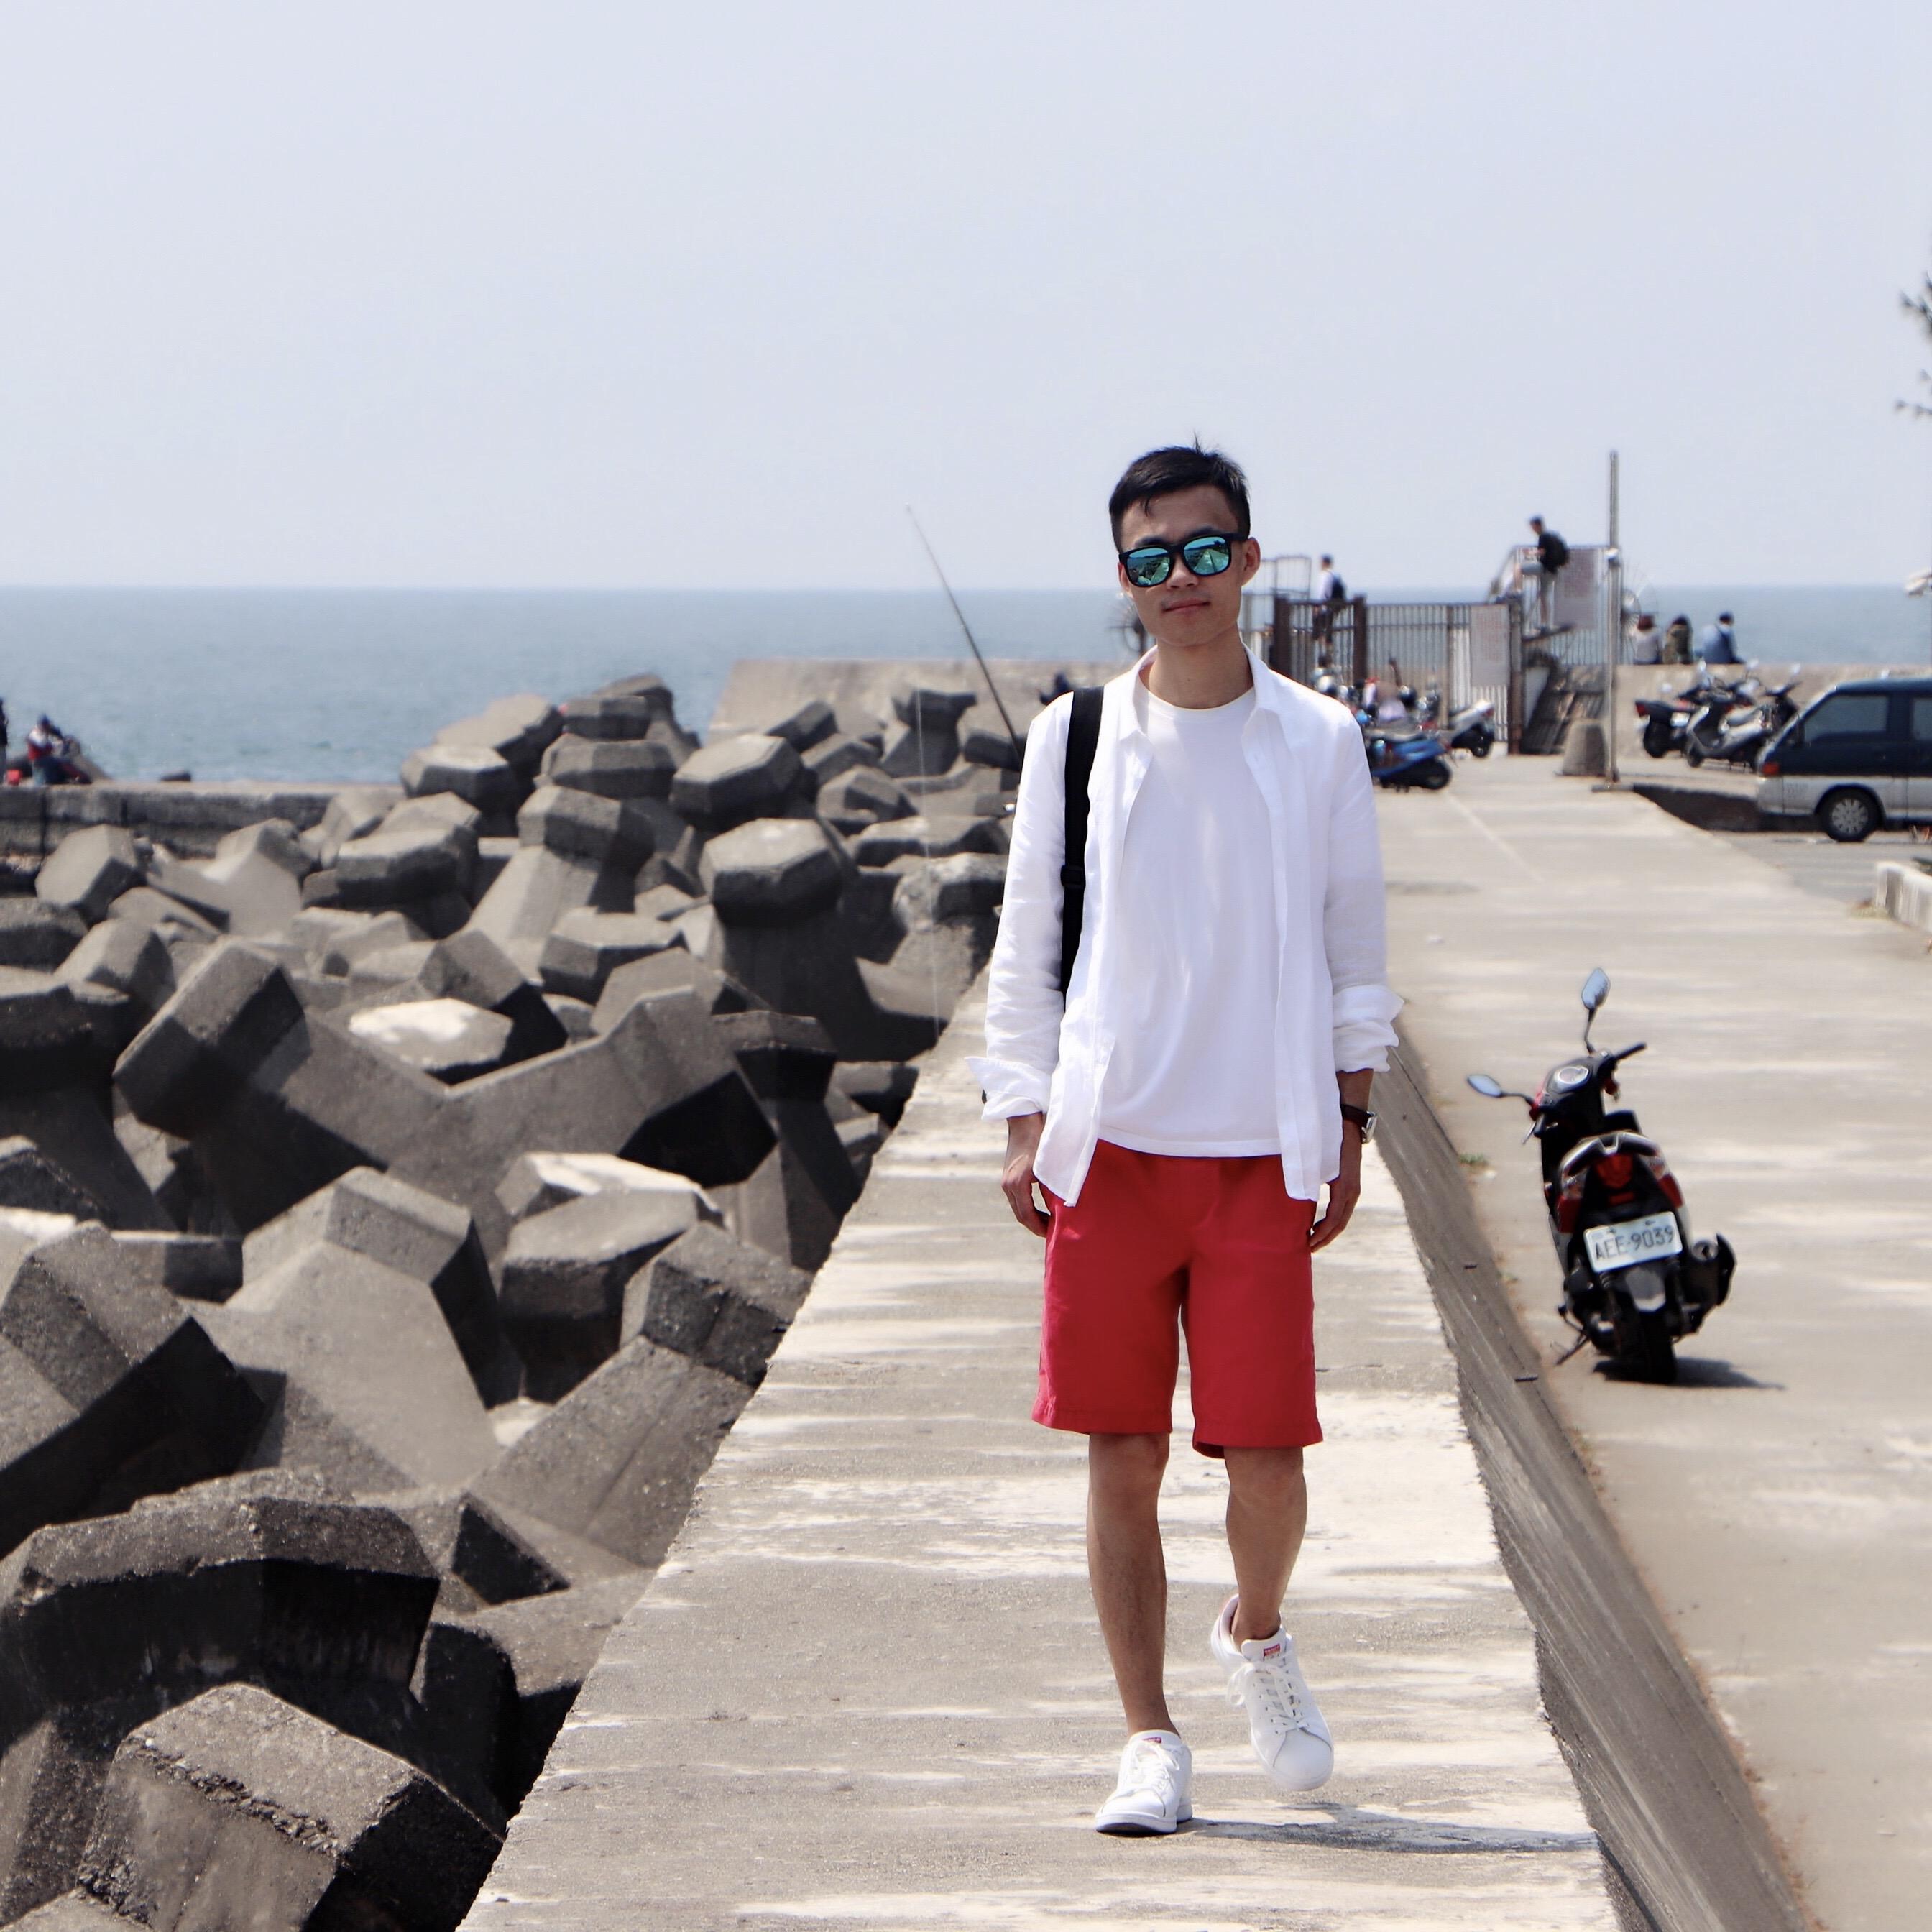 Jiajun GONG (Aaron)